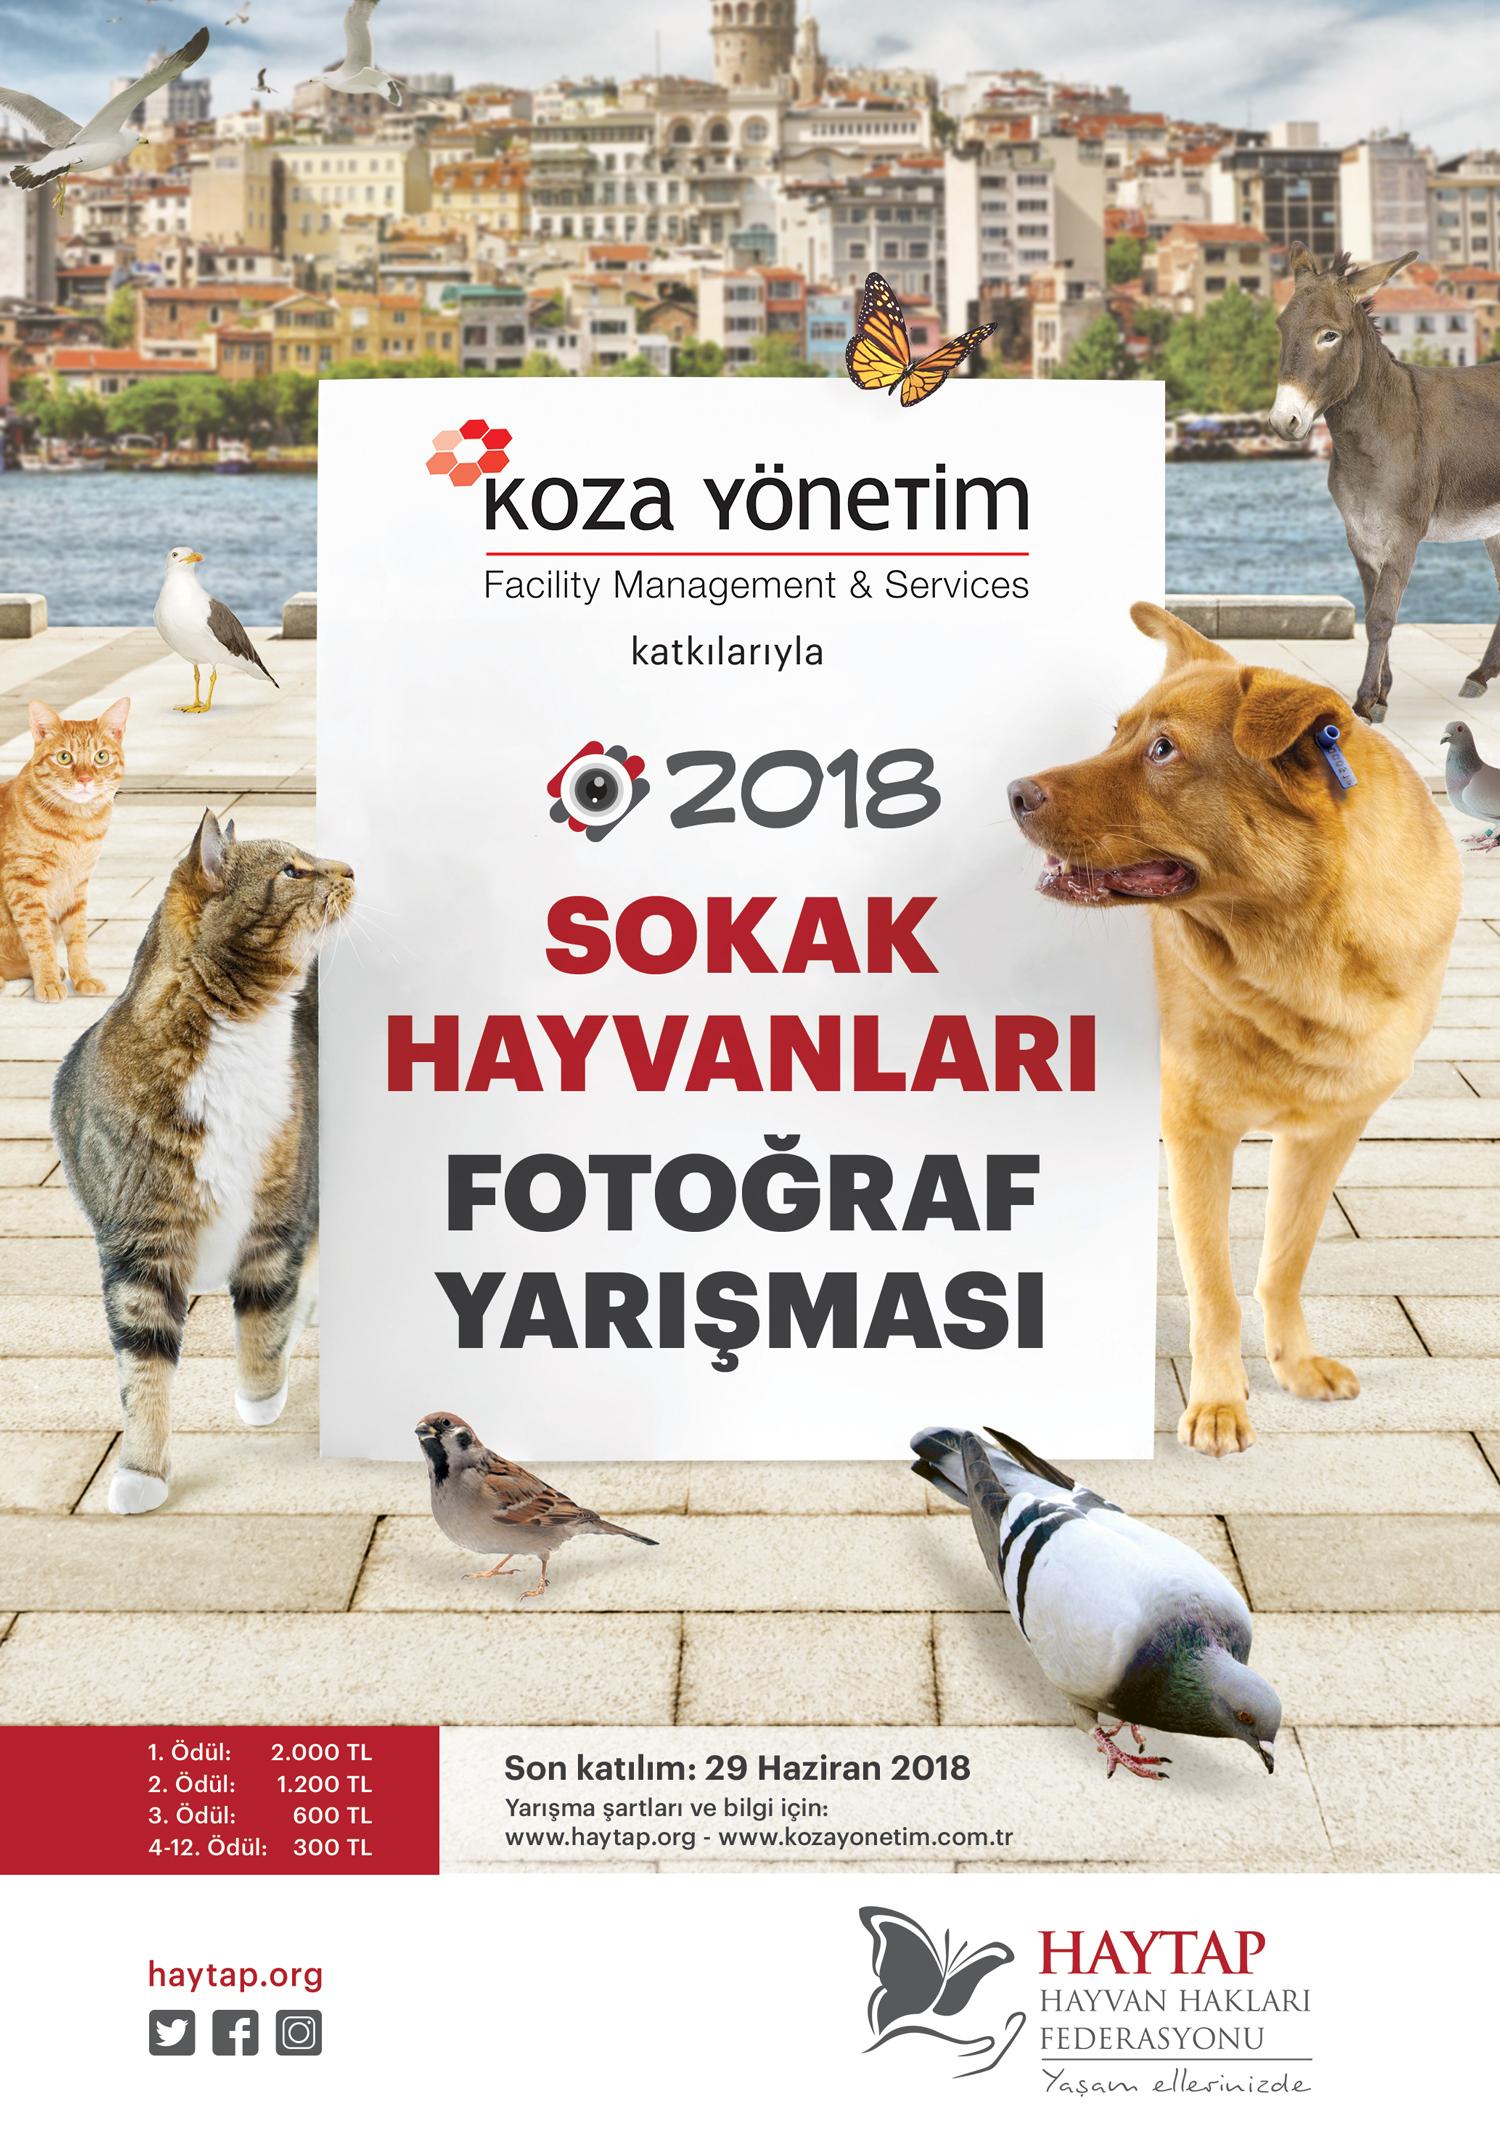 Haytap 2018 Sokak Hayvanları Fotoğraf Yarışması